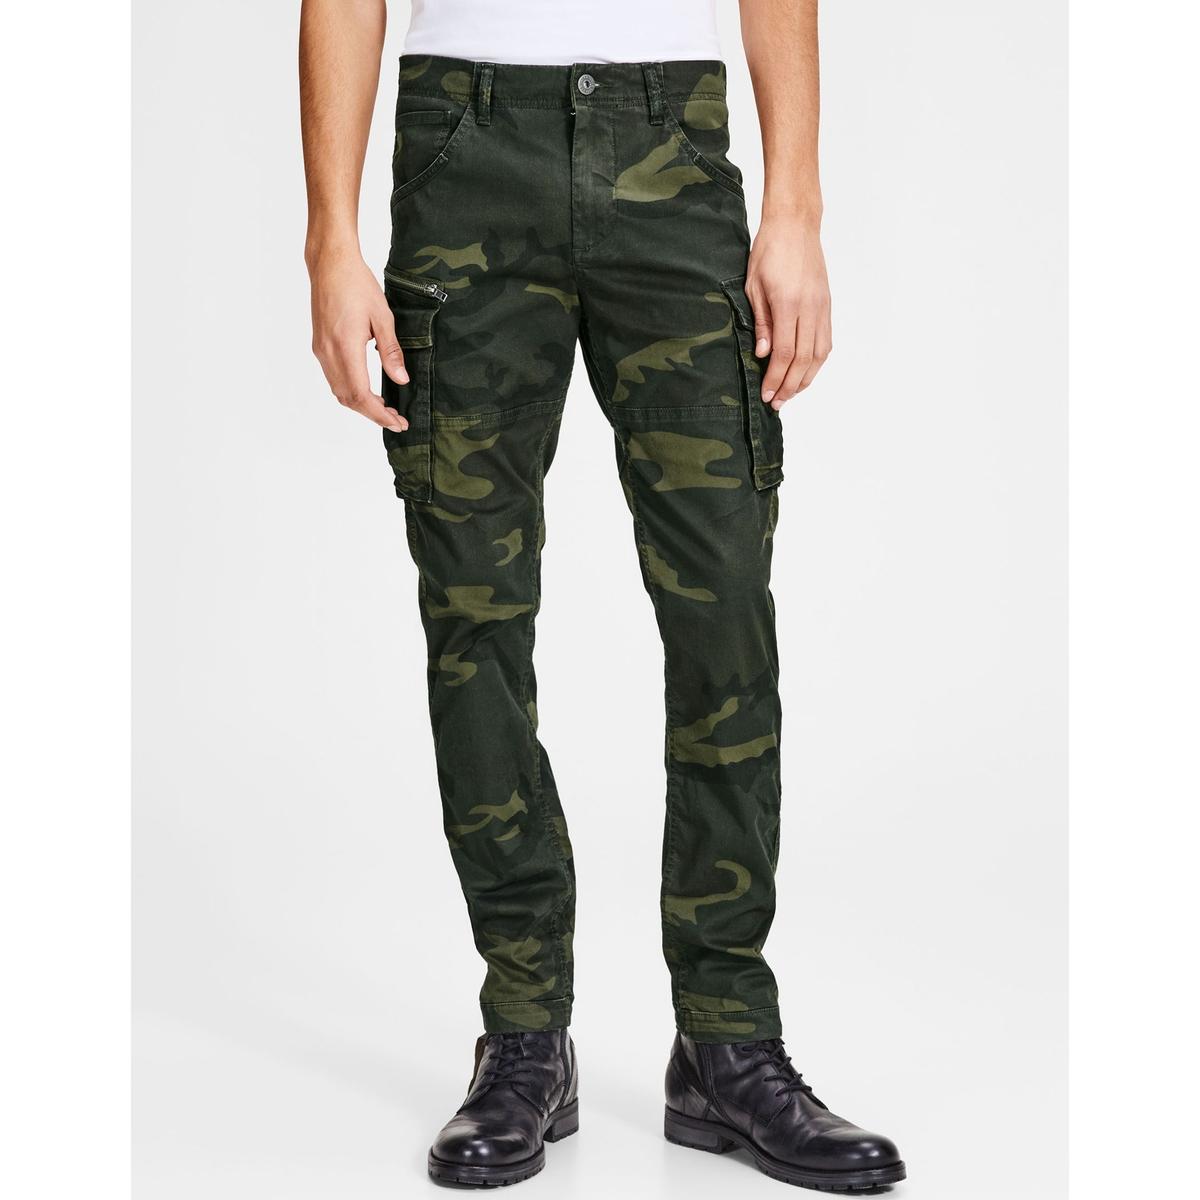 Calças à militar, camuflagem, corte slim, stretch